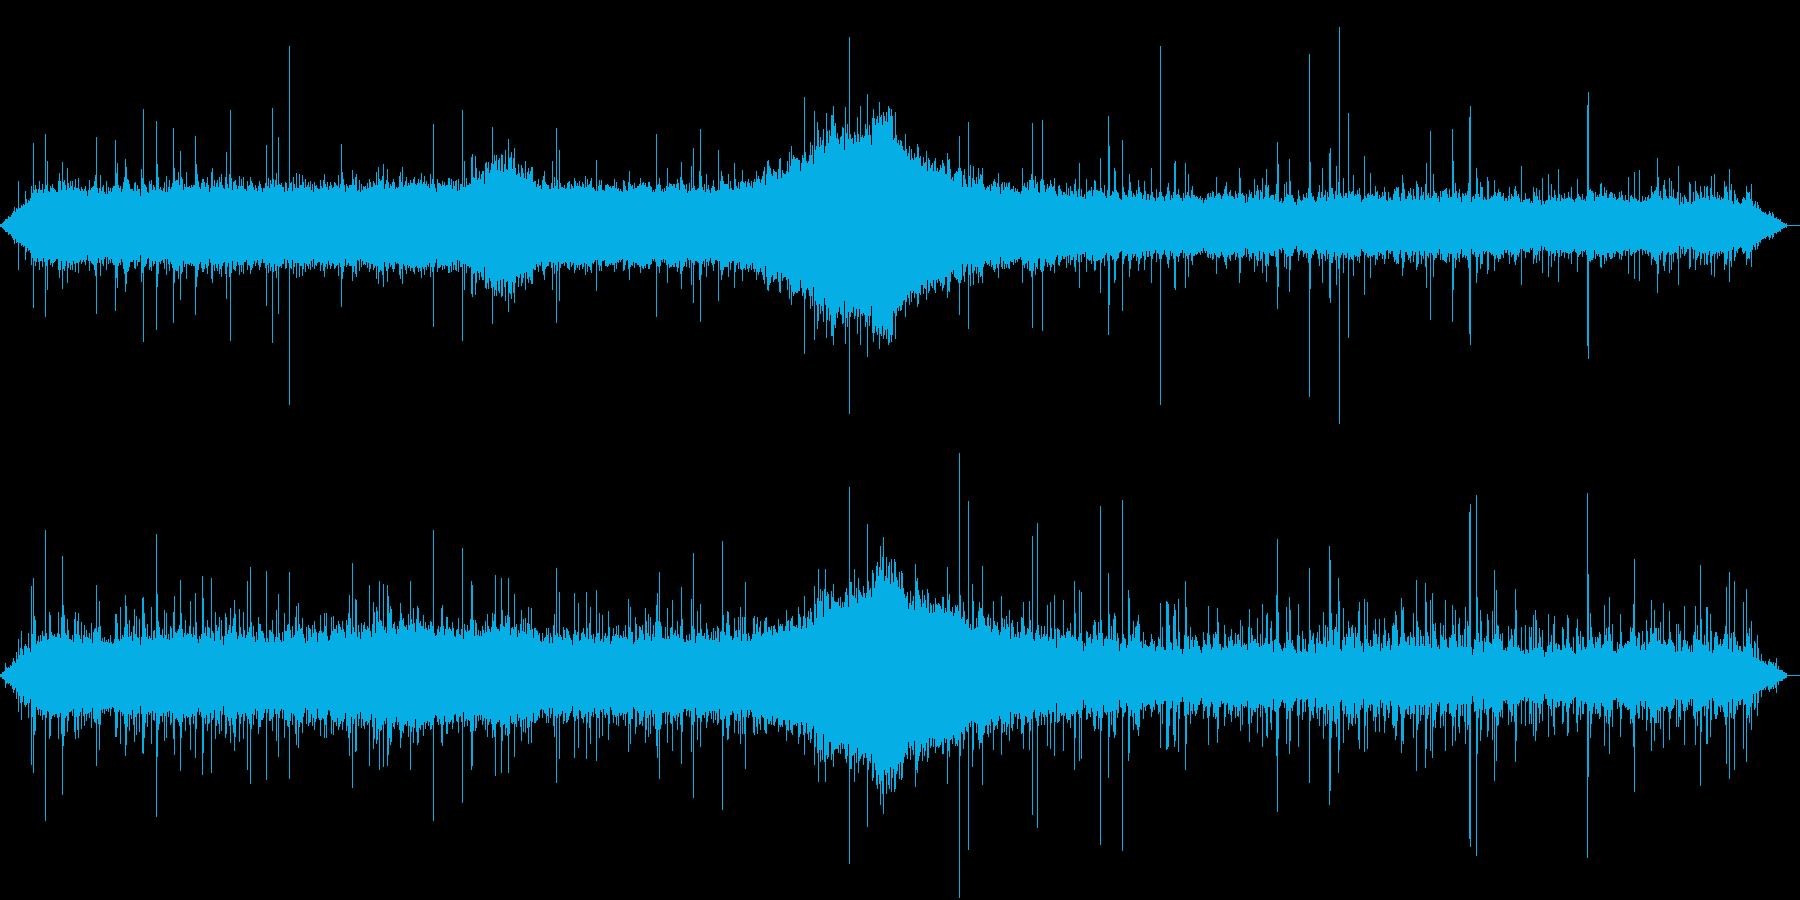 【生録音】軒下で聴く幻想的な雨の音 2の再生済みの波形